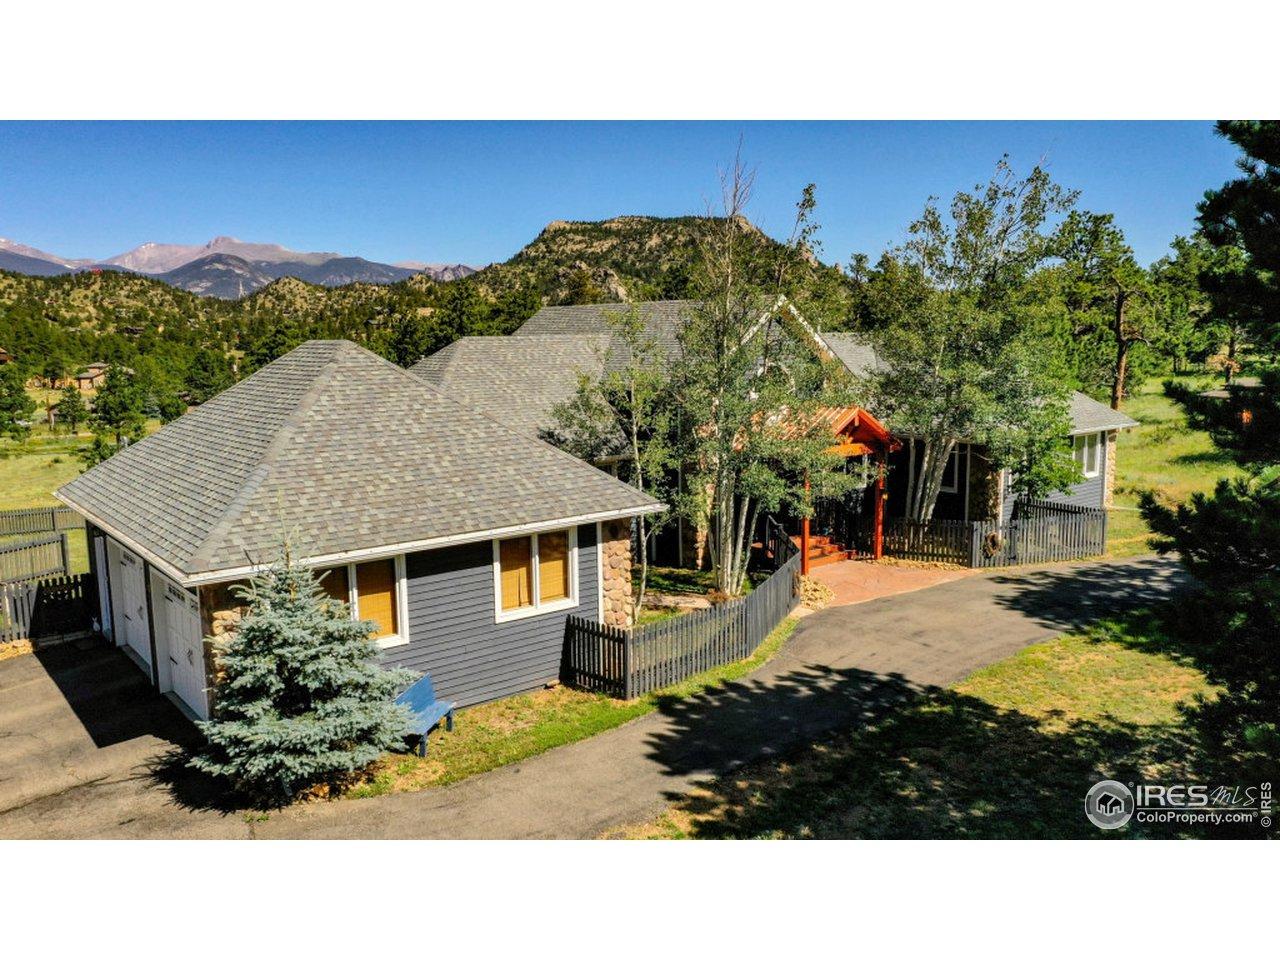 405 Ponderosa Ave, Estes Park CO 80517